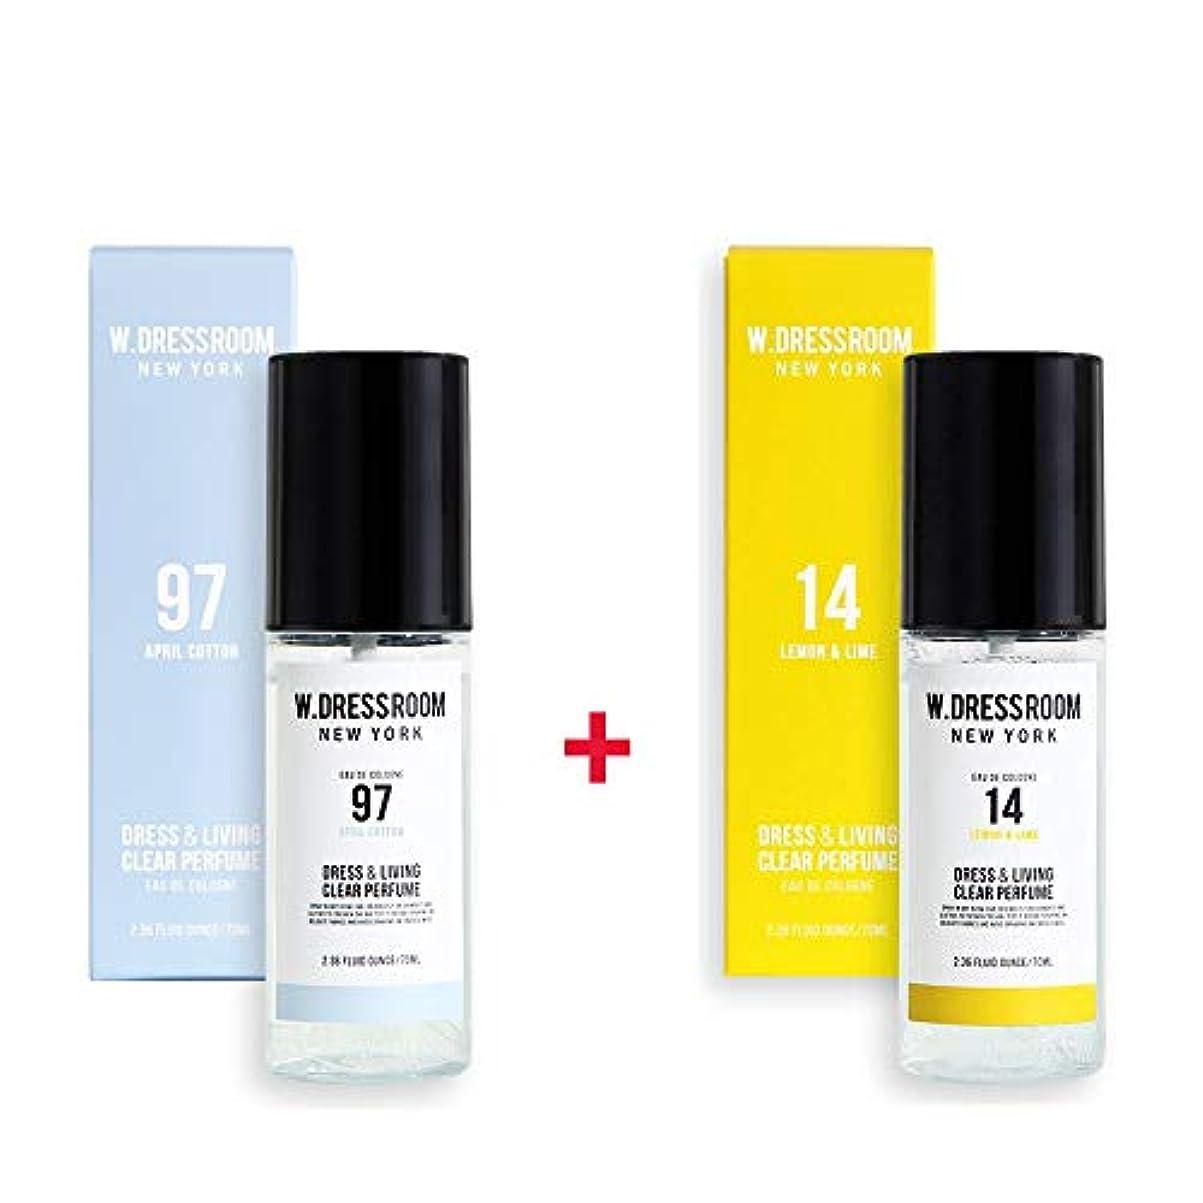 ブランデー氏ワームW.DRESSROOM Dress & Living Clear Perfume 70ml (No 97 April Cotton)+(No 14 Lemon & Lime)